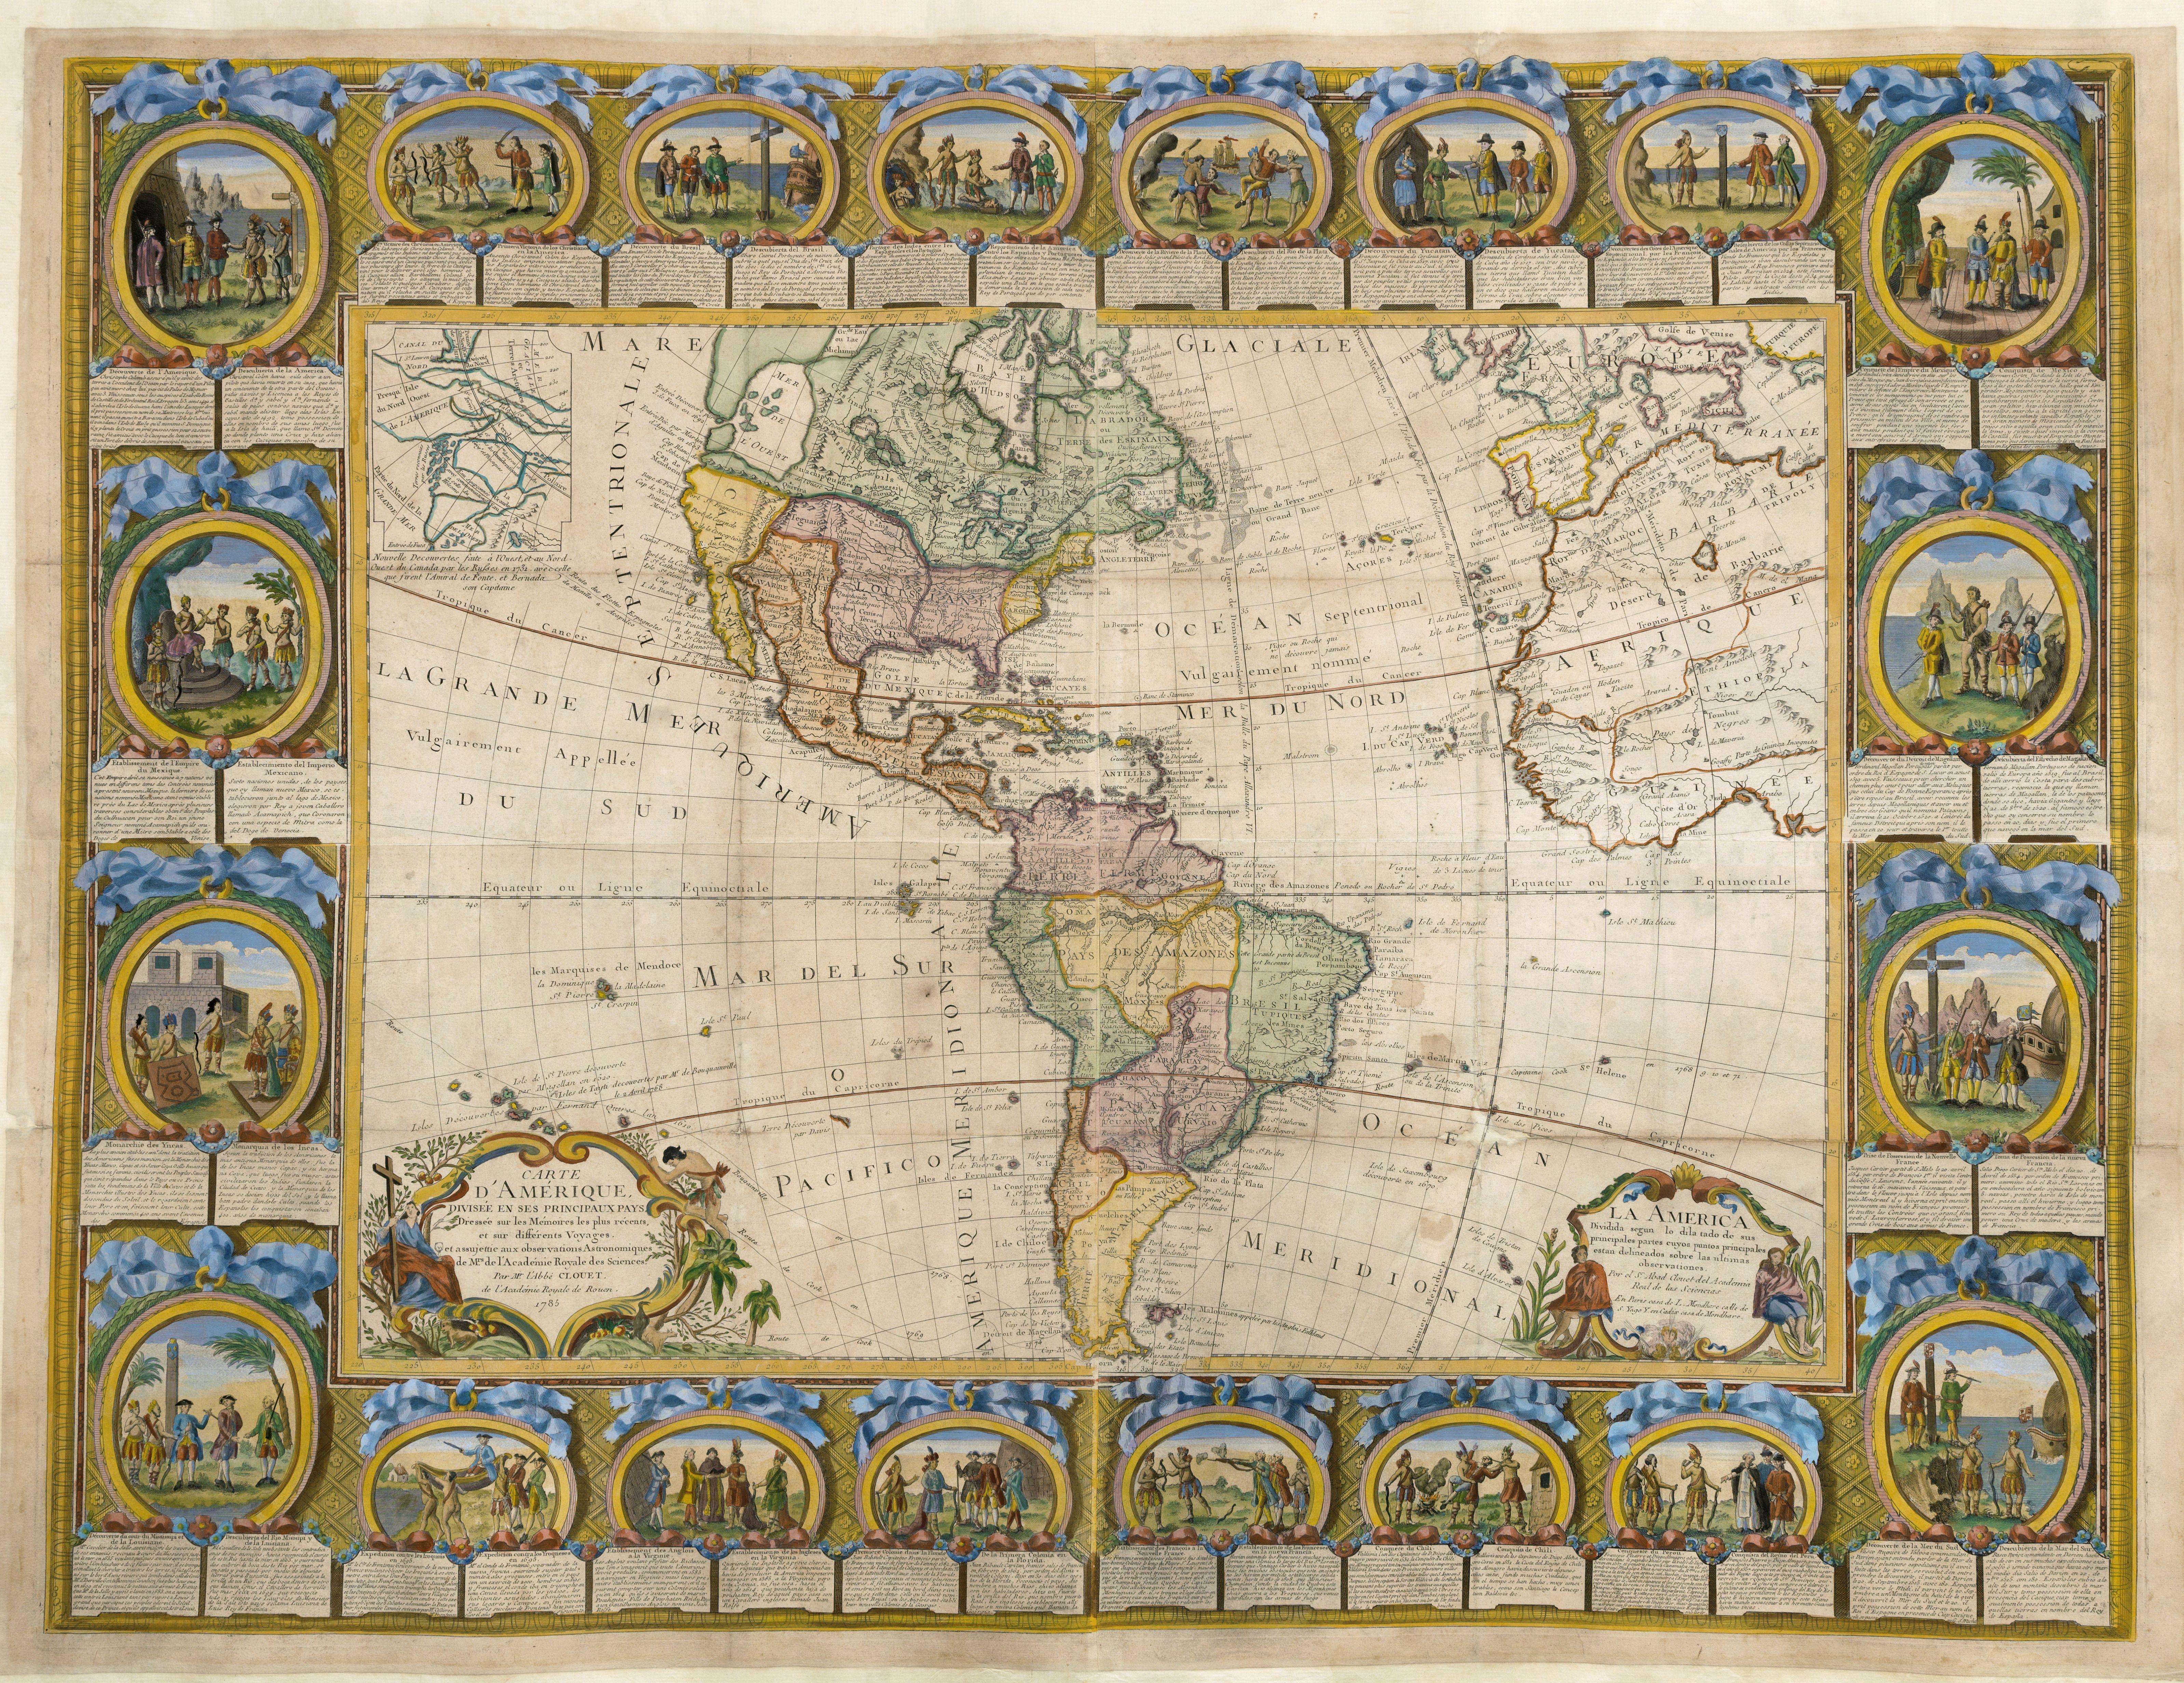 CLOUET, J. B. L. abbé / MONDHARE, L. -  Carte D'Amerique Divisée en ses Principaux Pays. . .